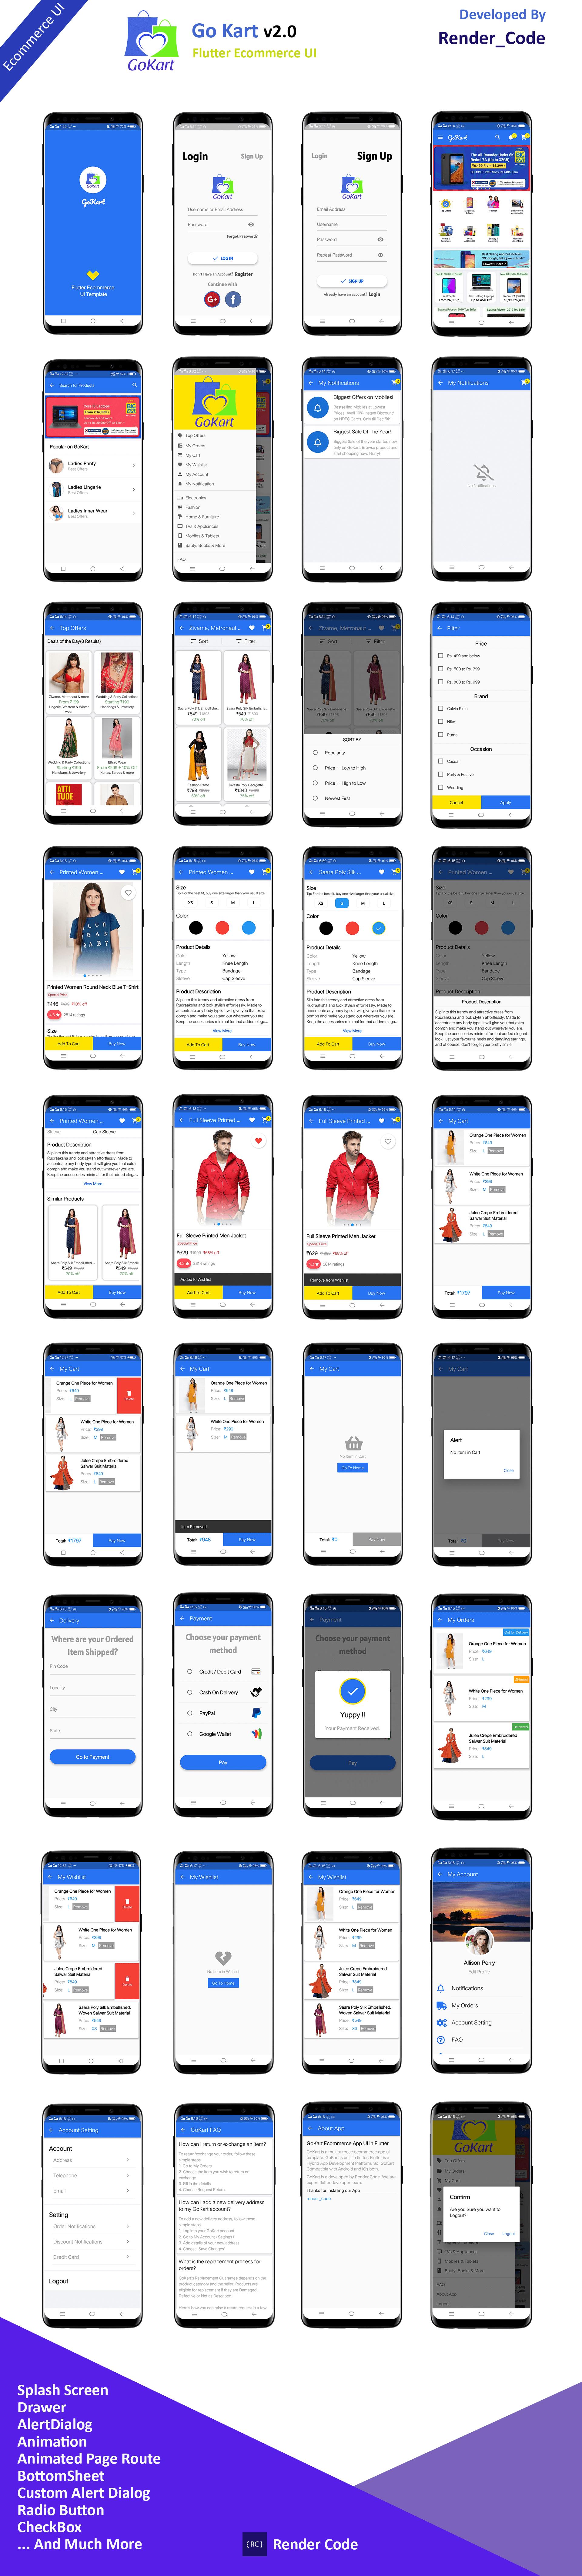 StunningKit - Biggest Flutter App Template Kit (15 App Template) - 19